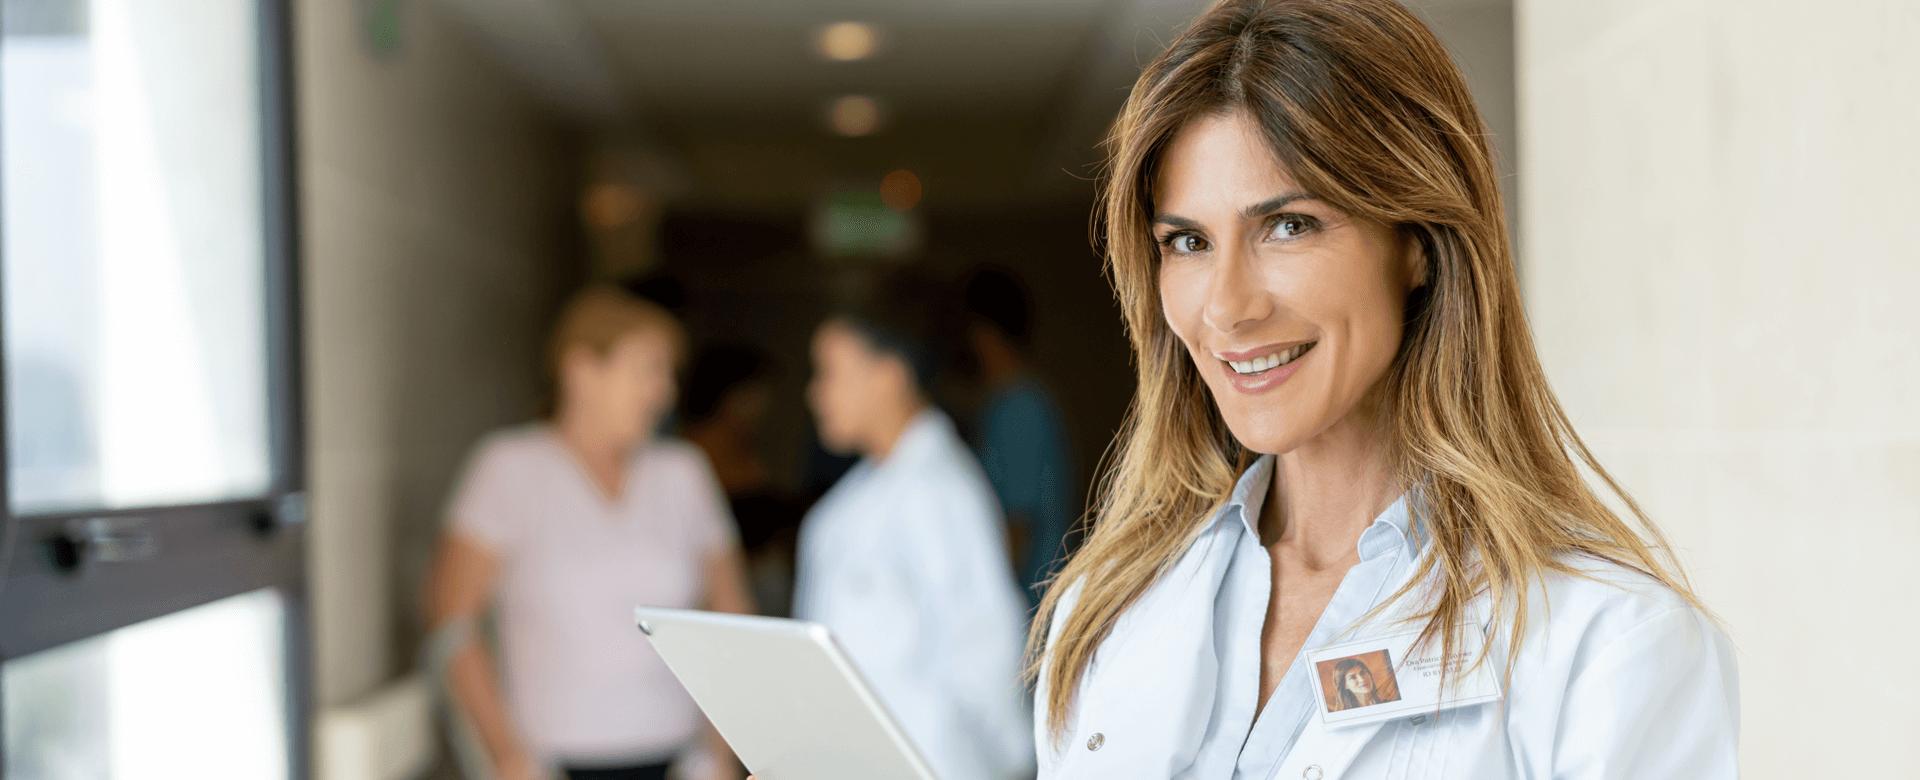 headerbild-finanzberatung-mediziner